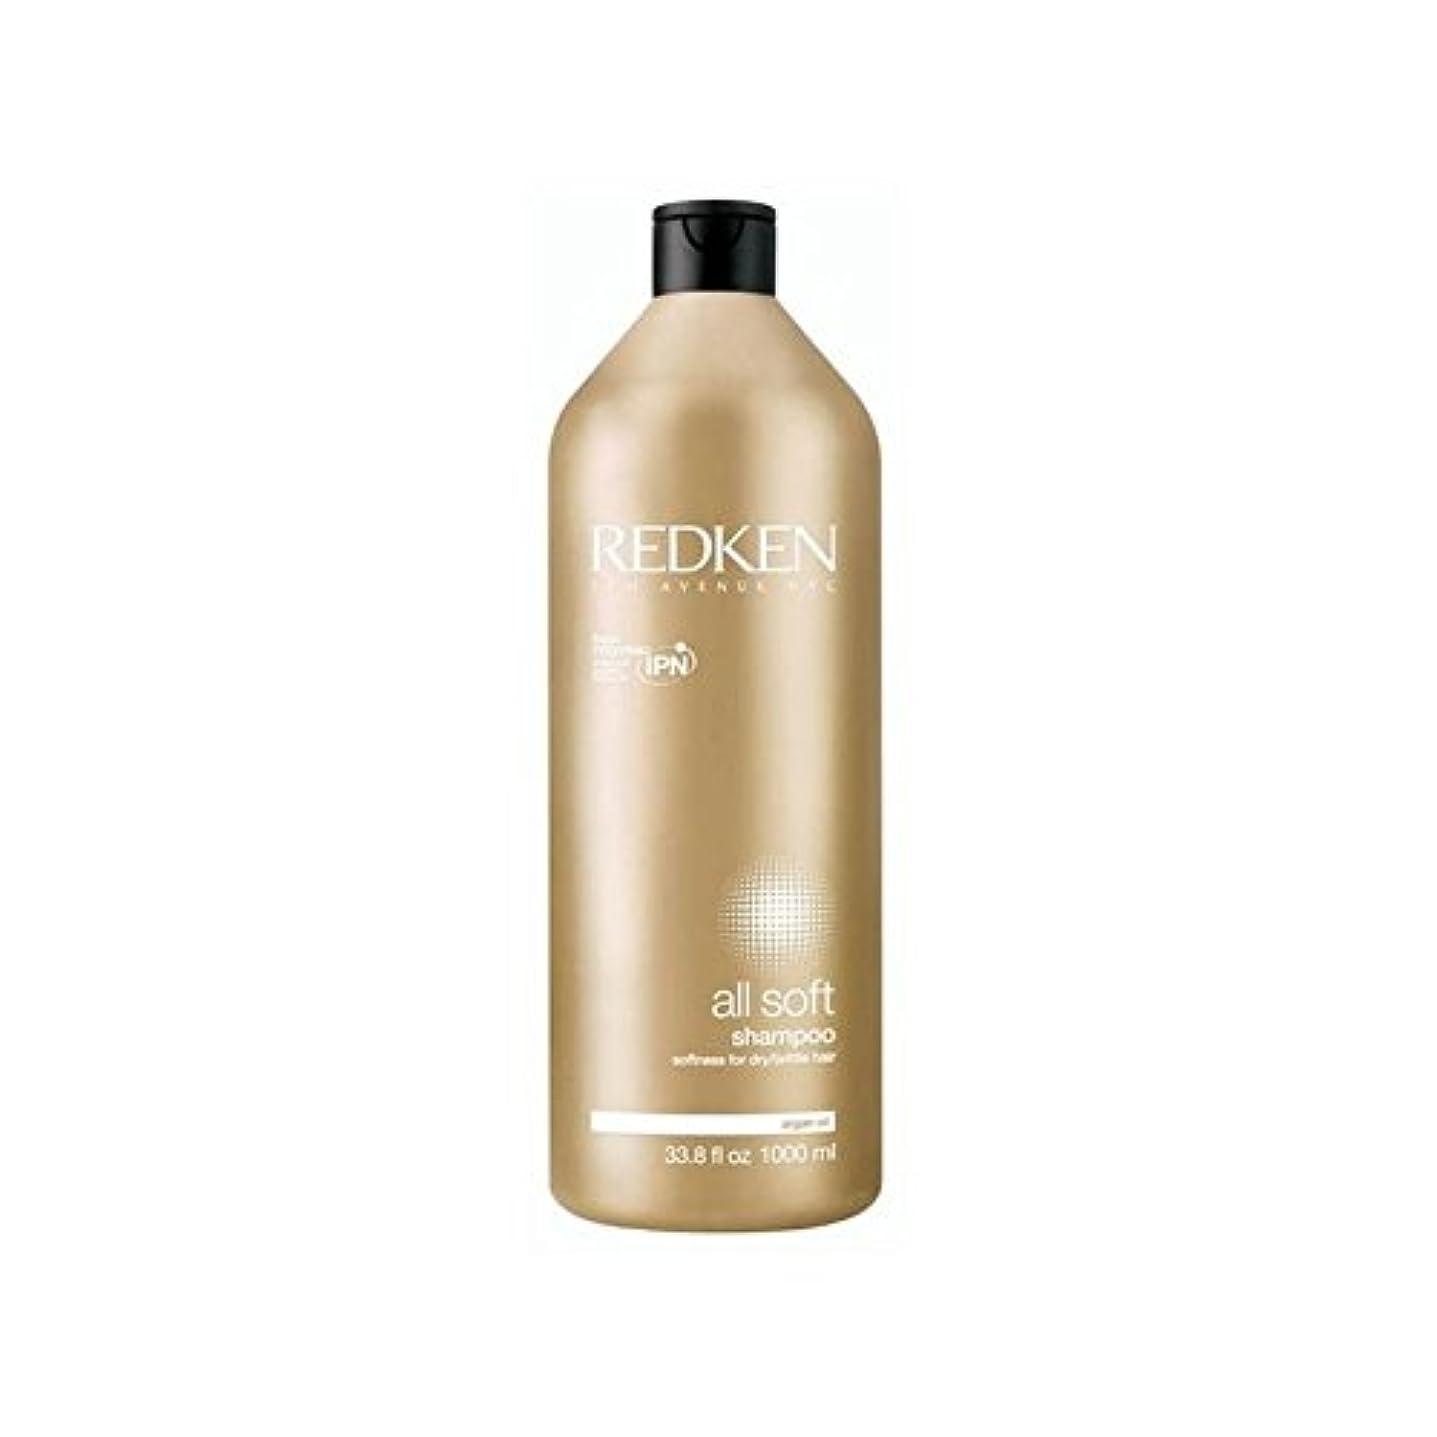 正午大事にするシーンRedken All Soft Shampoo 1000ml (Pack of 6) - すべてのソフトシャンプー千ミリリットルをレッドケン x6 [並行輸入品]